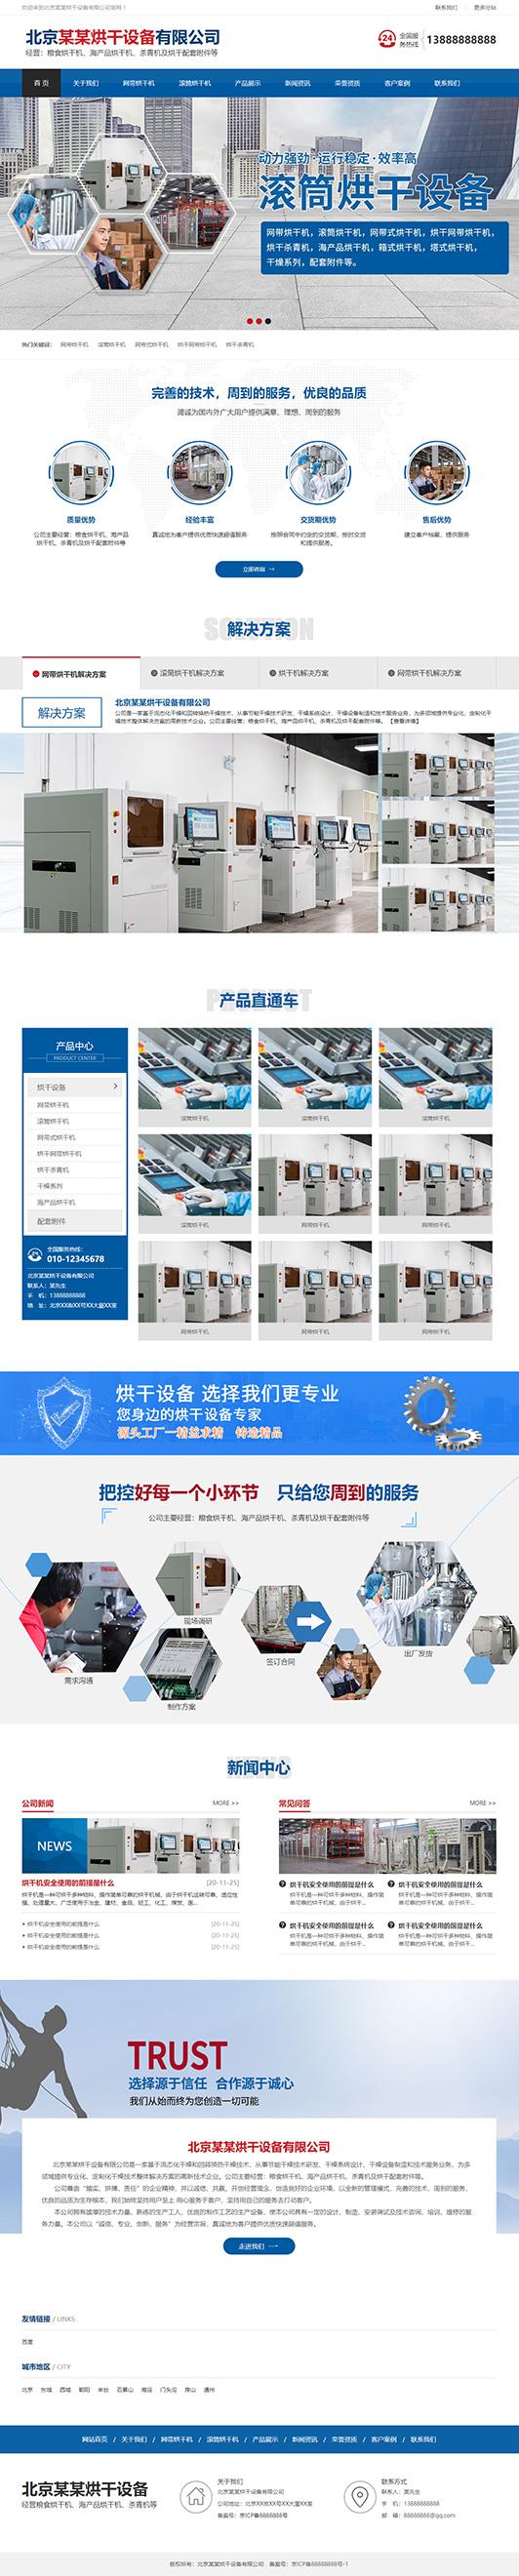 烘干设备有限公司通用响应式模板